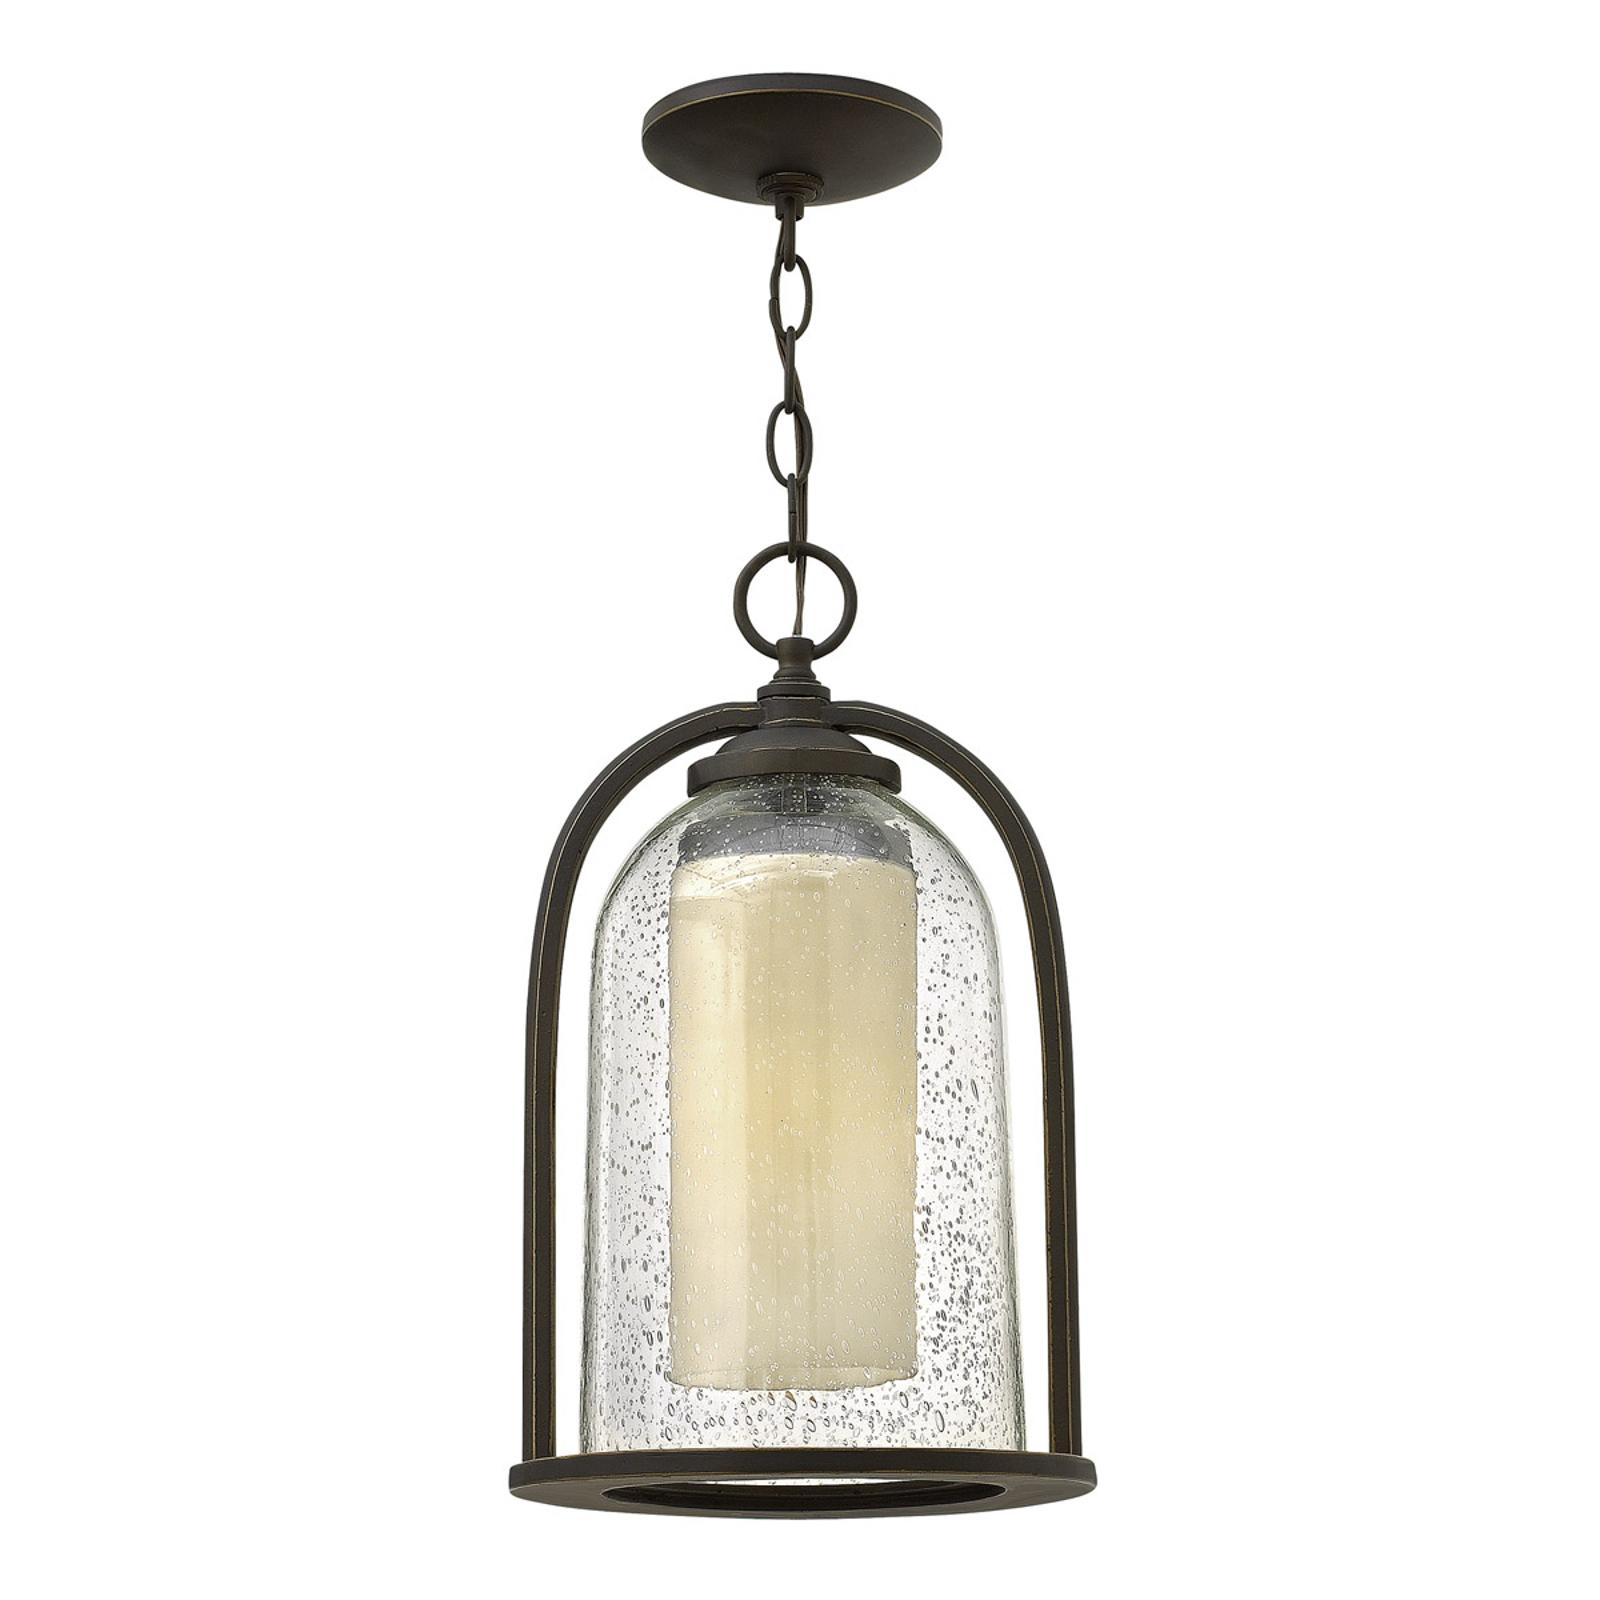 Quincy hængelampe, dobbeltskærm, til udendørs brug